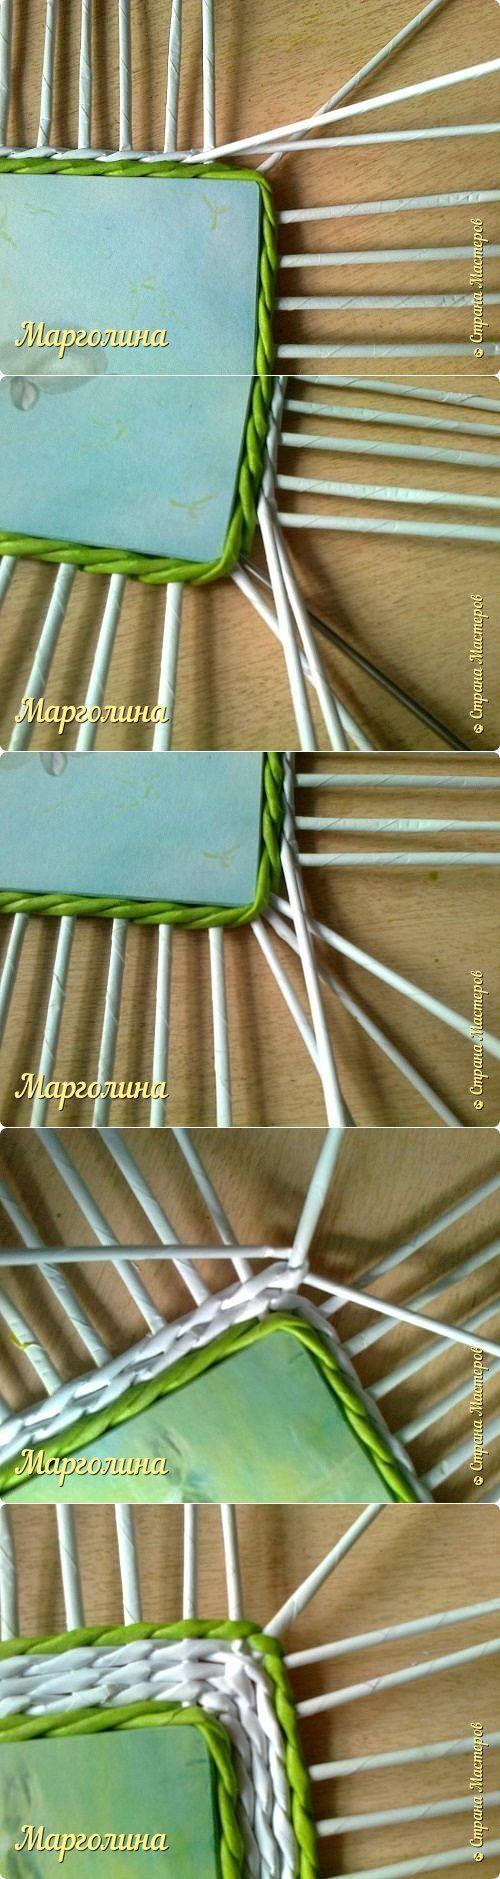 szögletes alap sarok Небольшой МК прямоугольной крышки.Как ее делаю я. | Страна Мастеров